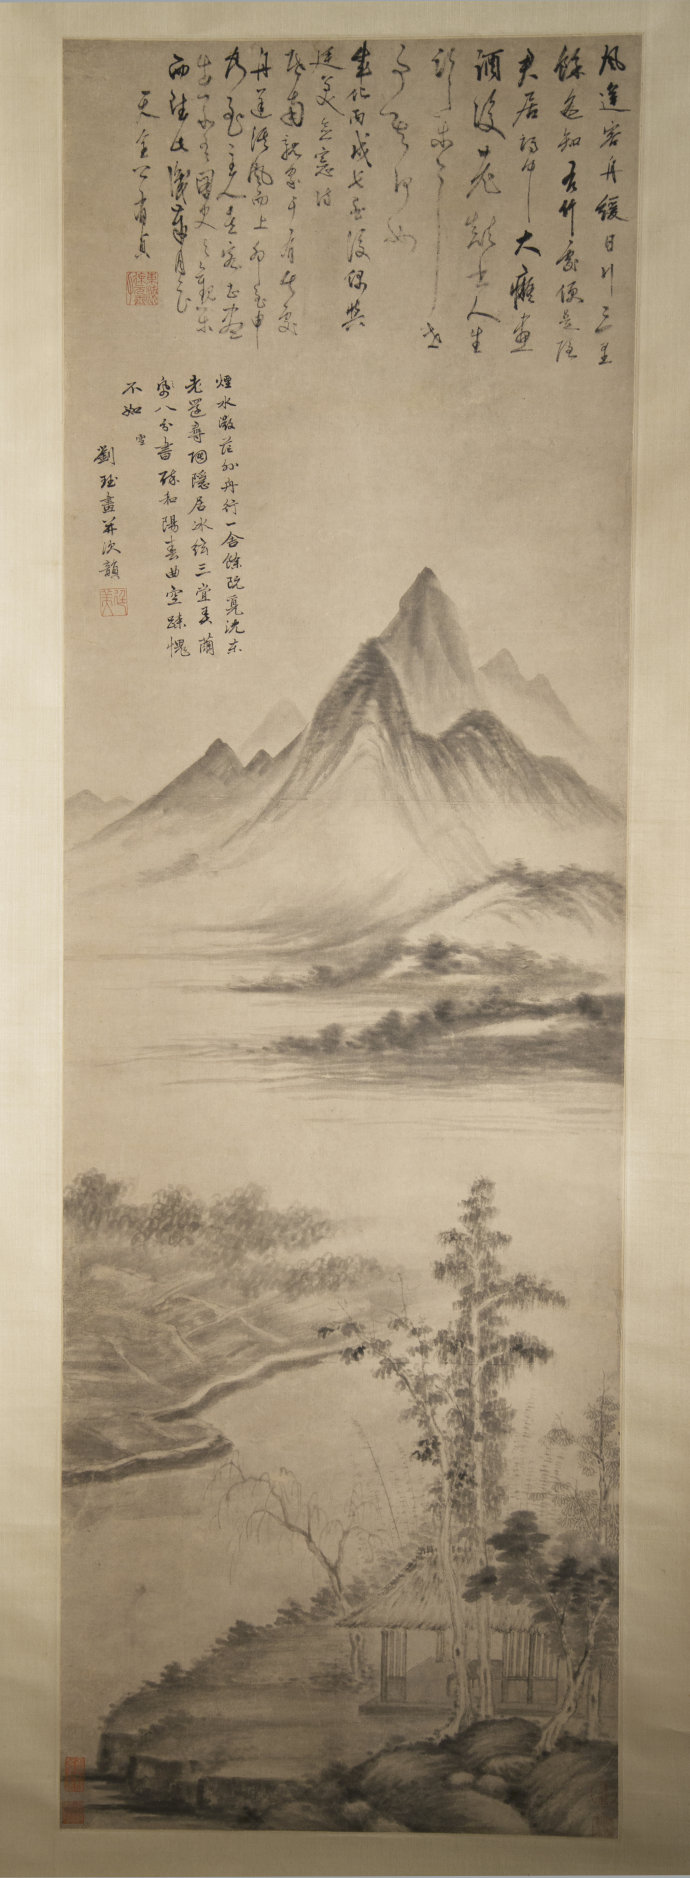 圖3,劉玨(款)《煙水微茫圖軸》,蘇州博物館藏